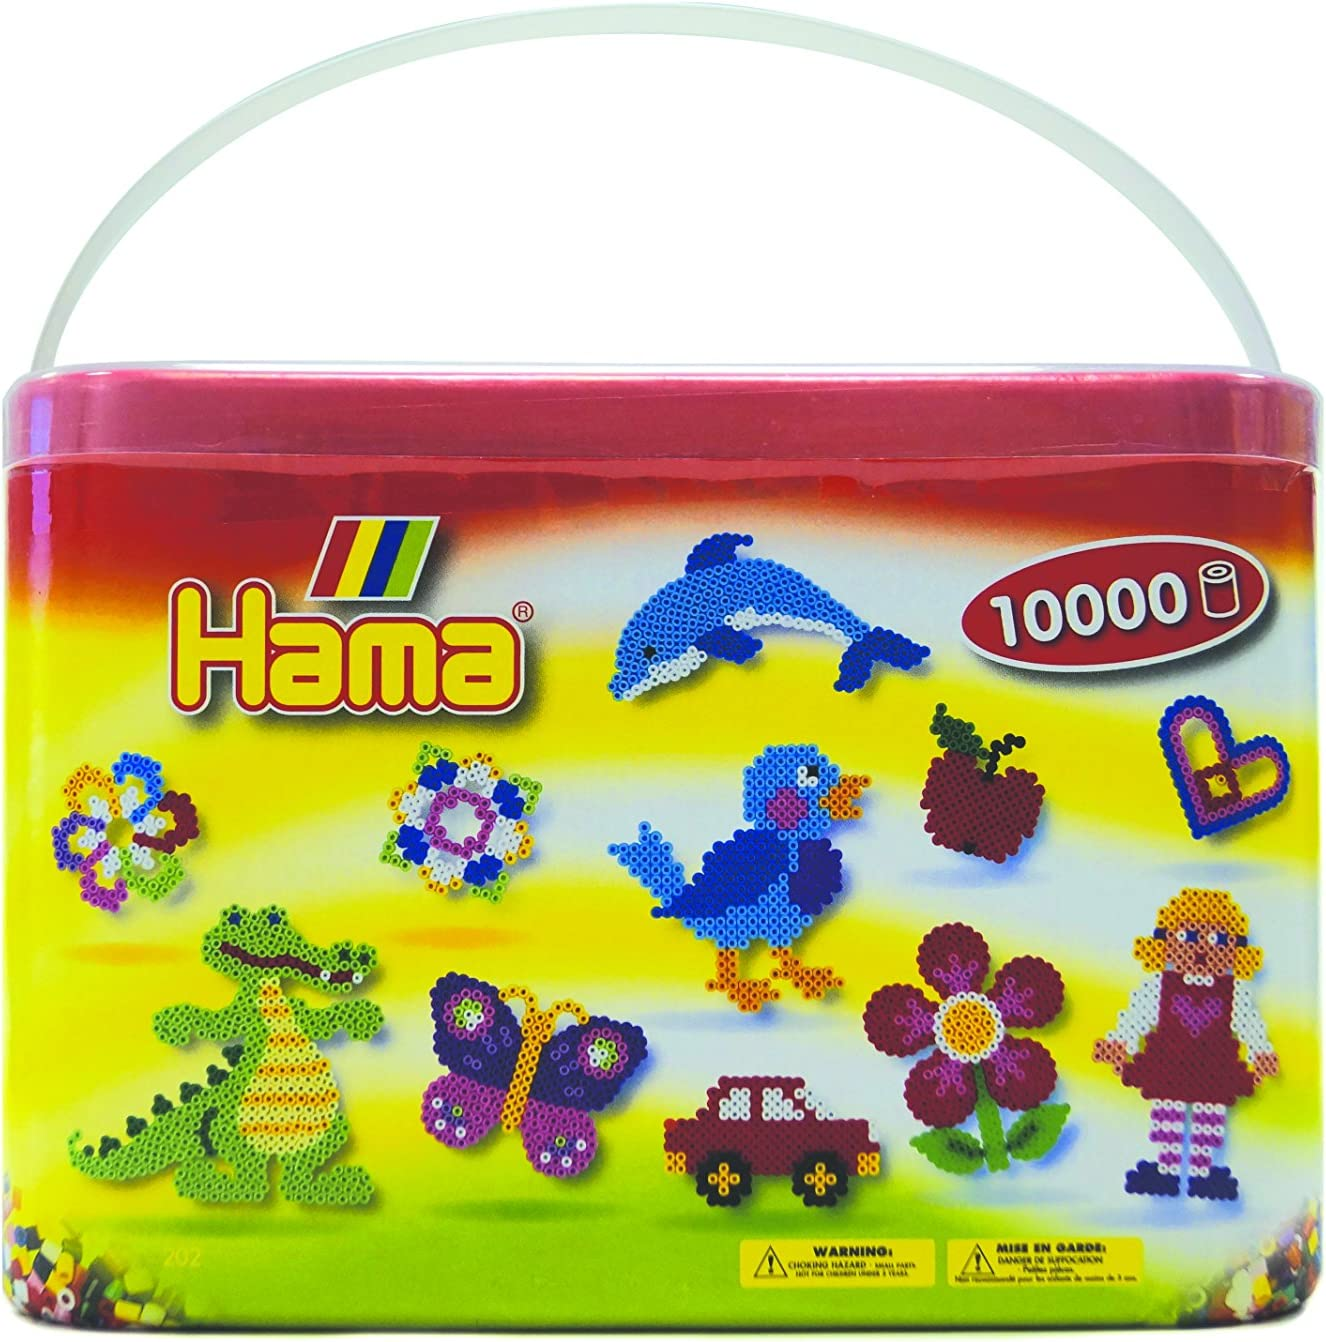 Hama 202-67 - Cubo con 10.000 cuentas de colores [Importado de Alemania] , color/modelo surtido